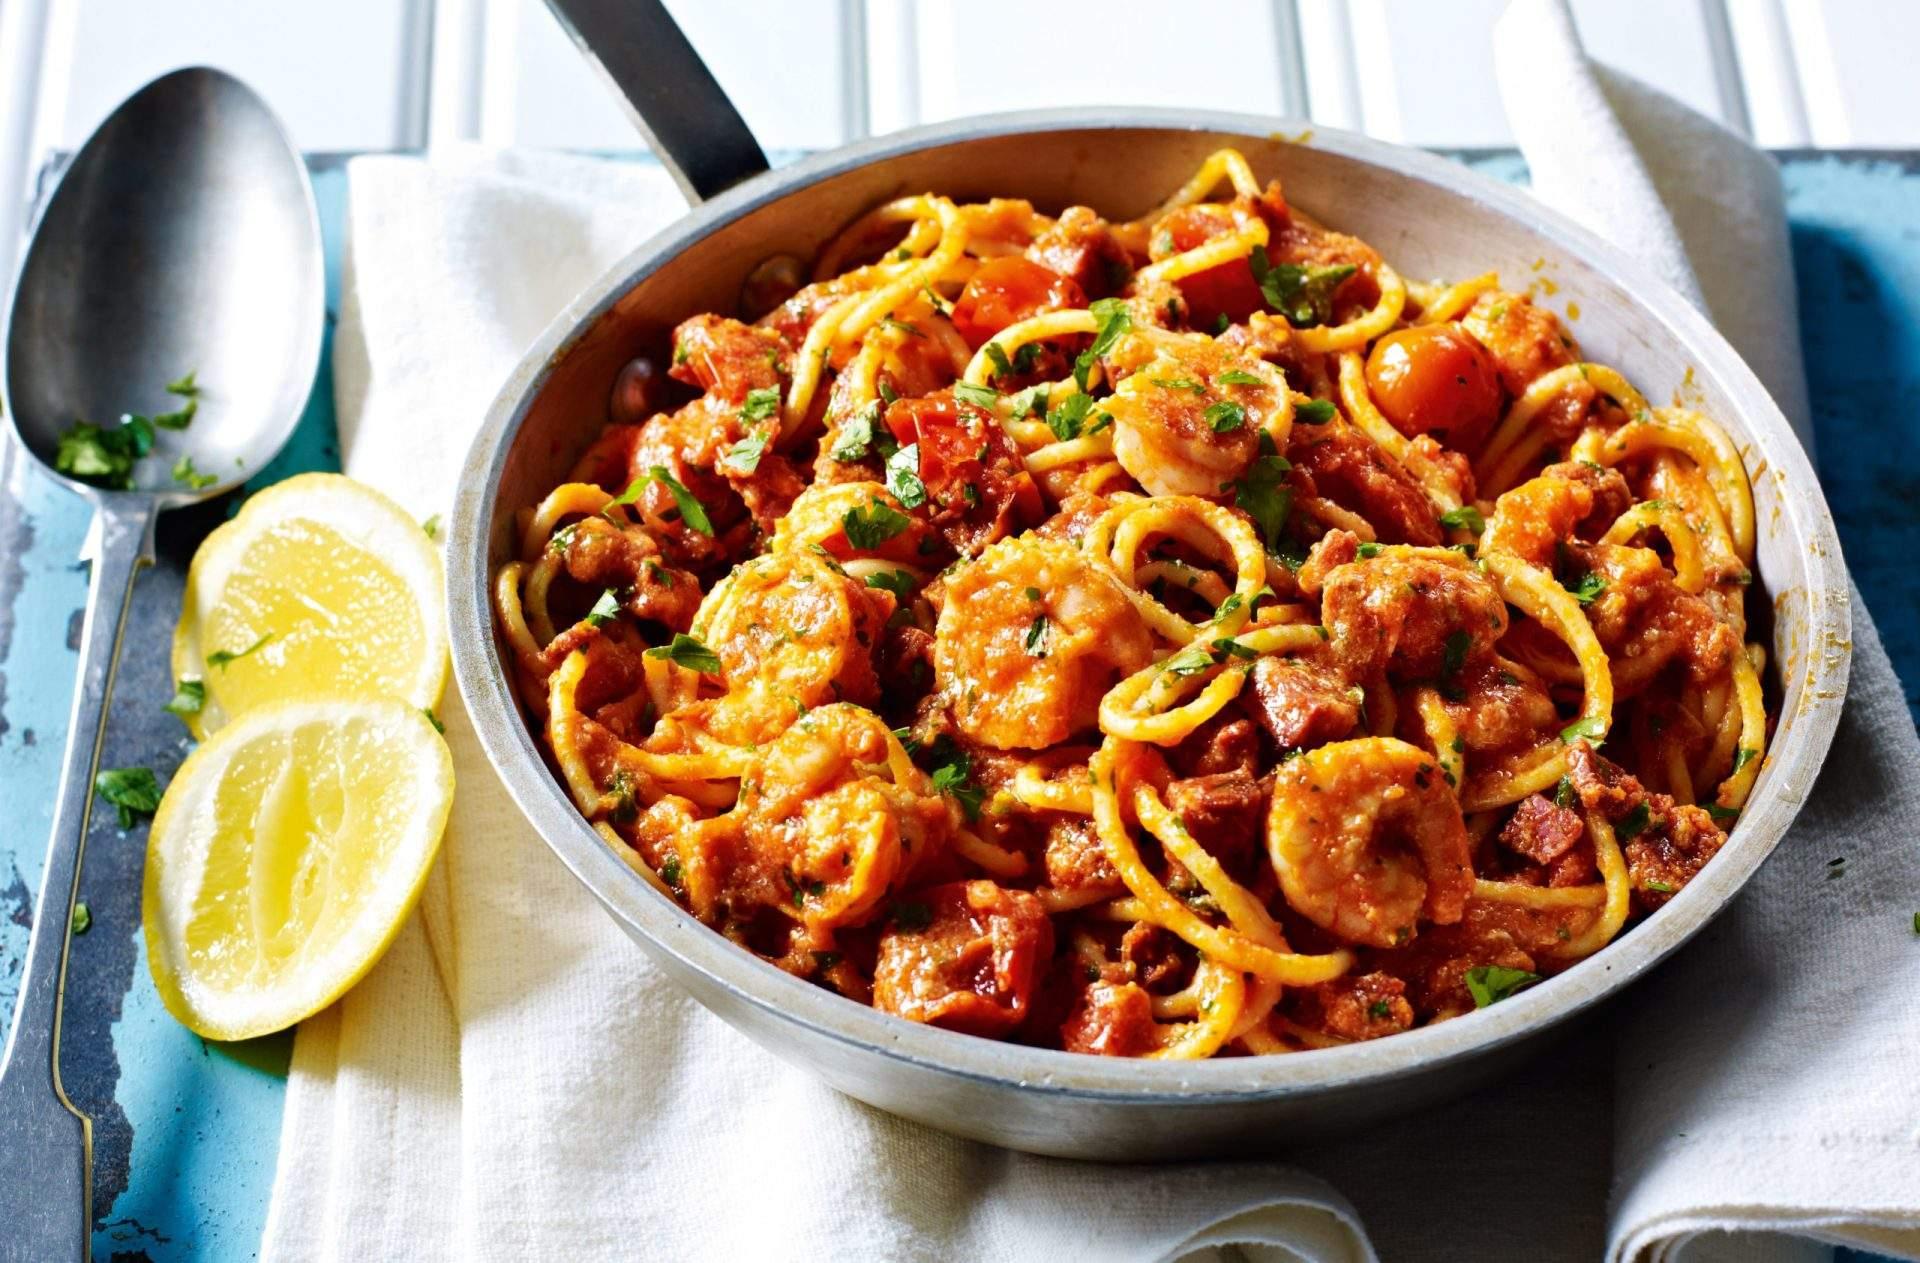 Penne pasta con langostinos, tomates cherry y limón Nuestra receta de pasta penne con langostinos y tomates cherry es muy sencilla de hacer en casa y rebosa de mucho sabor: ¡la comida perfecta a mitad de semana!